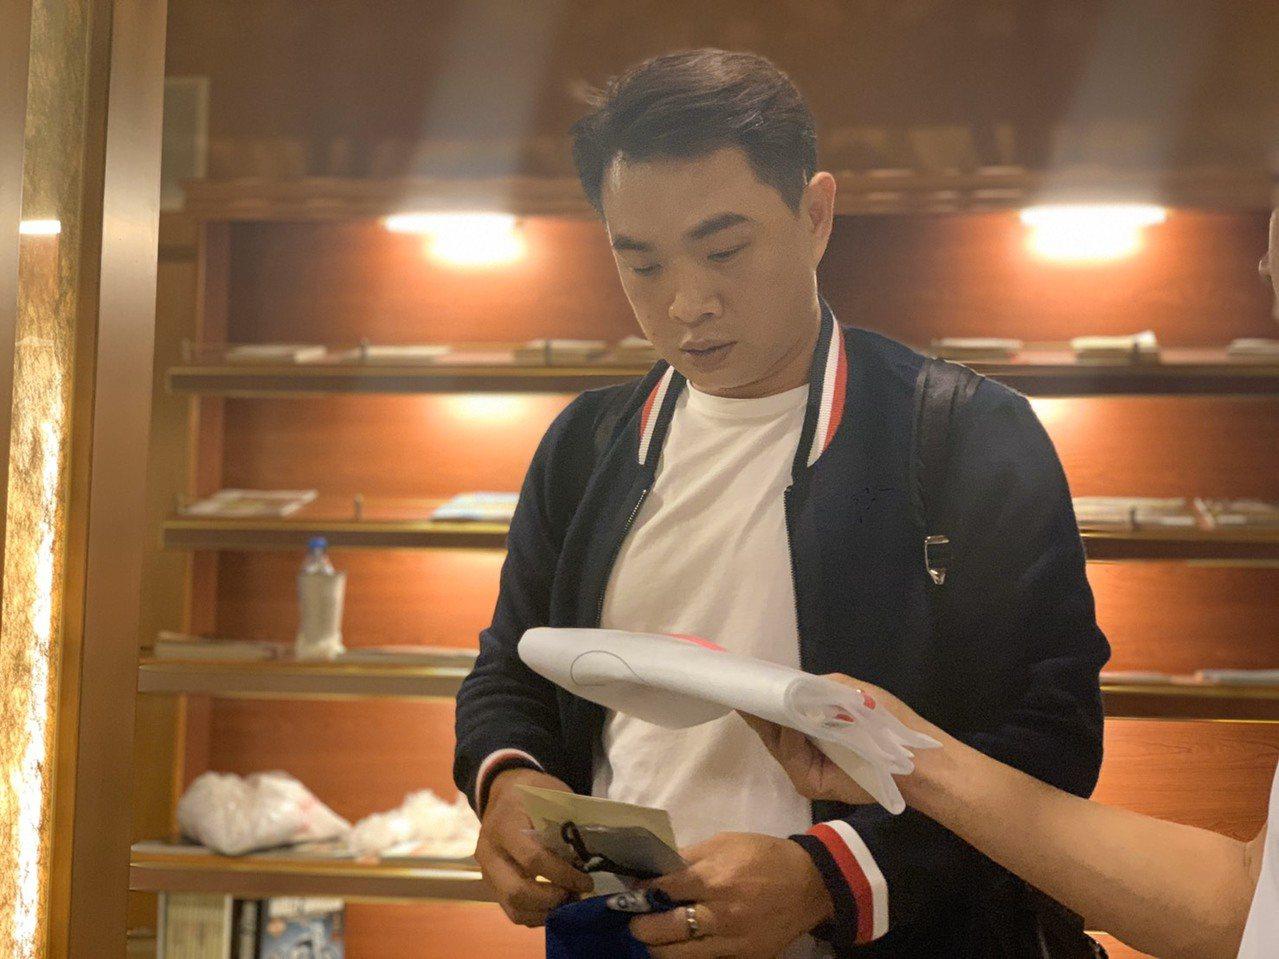 彭政閔擔任中華隊教練,將是生涯初體驗。記者藍宗標/攝影